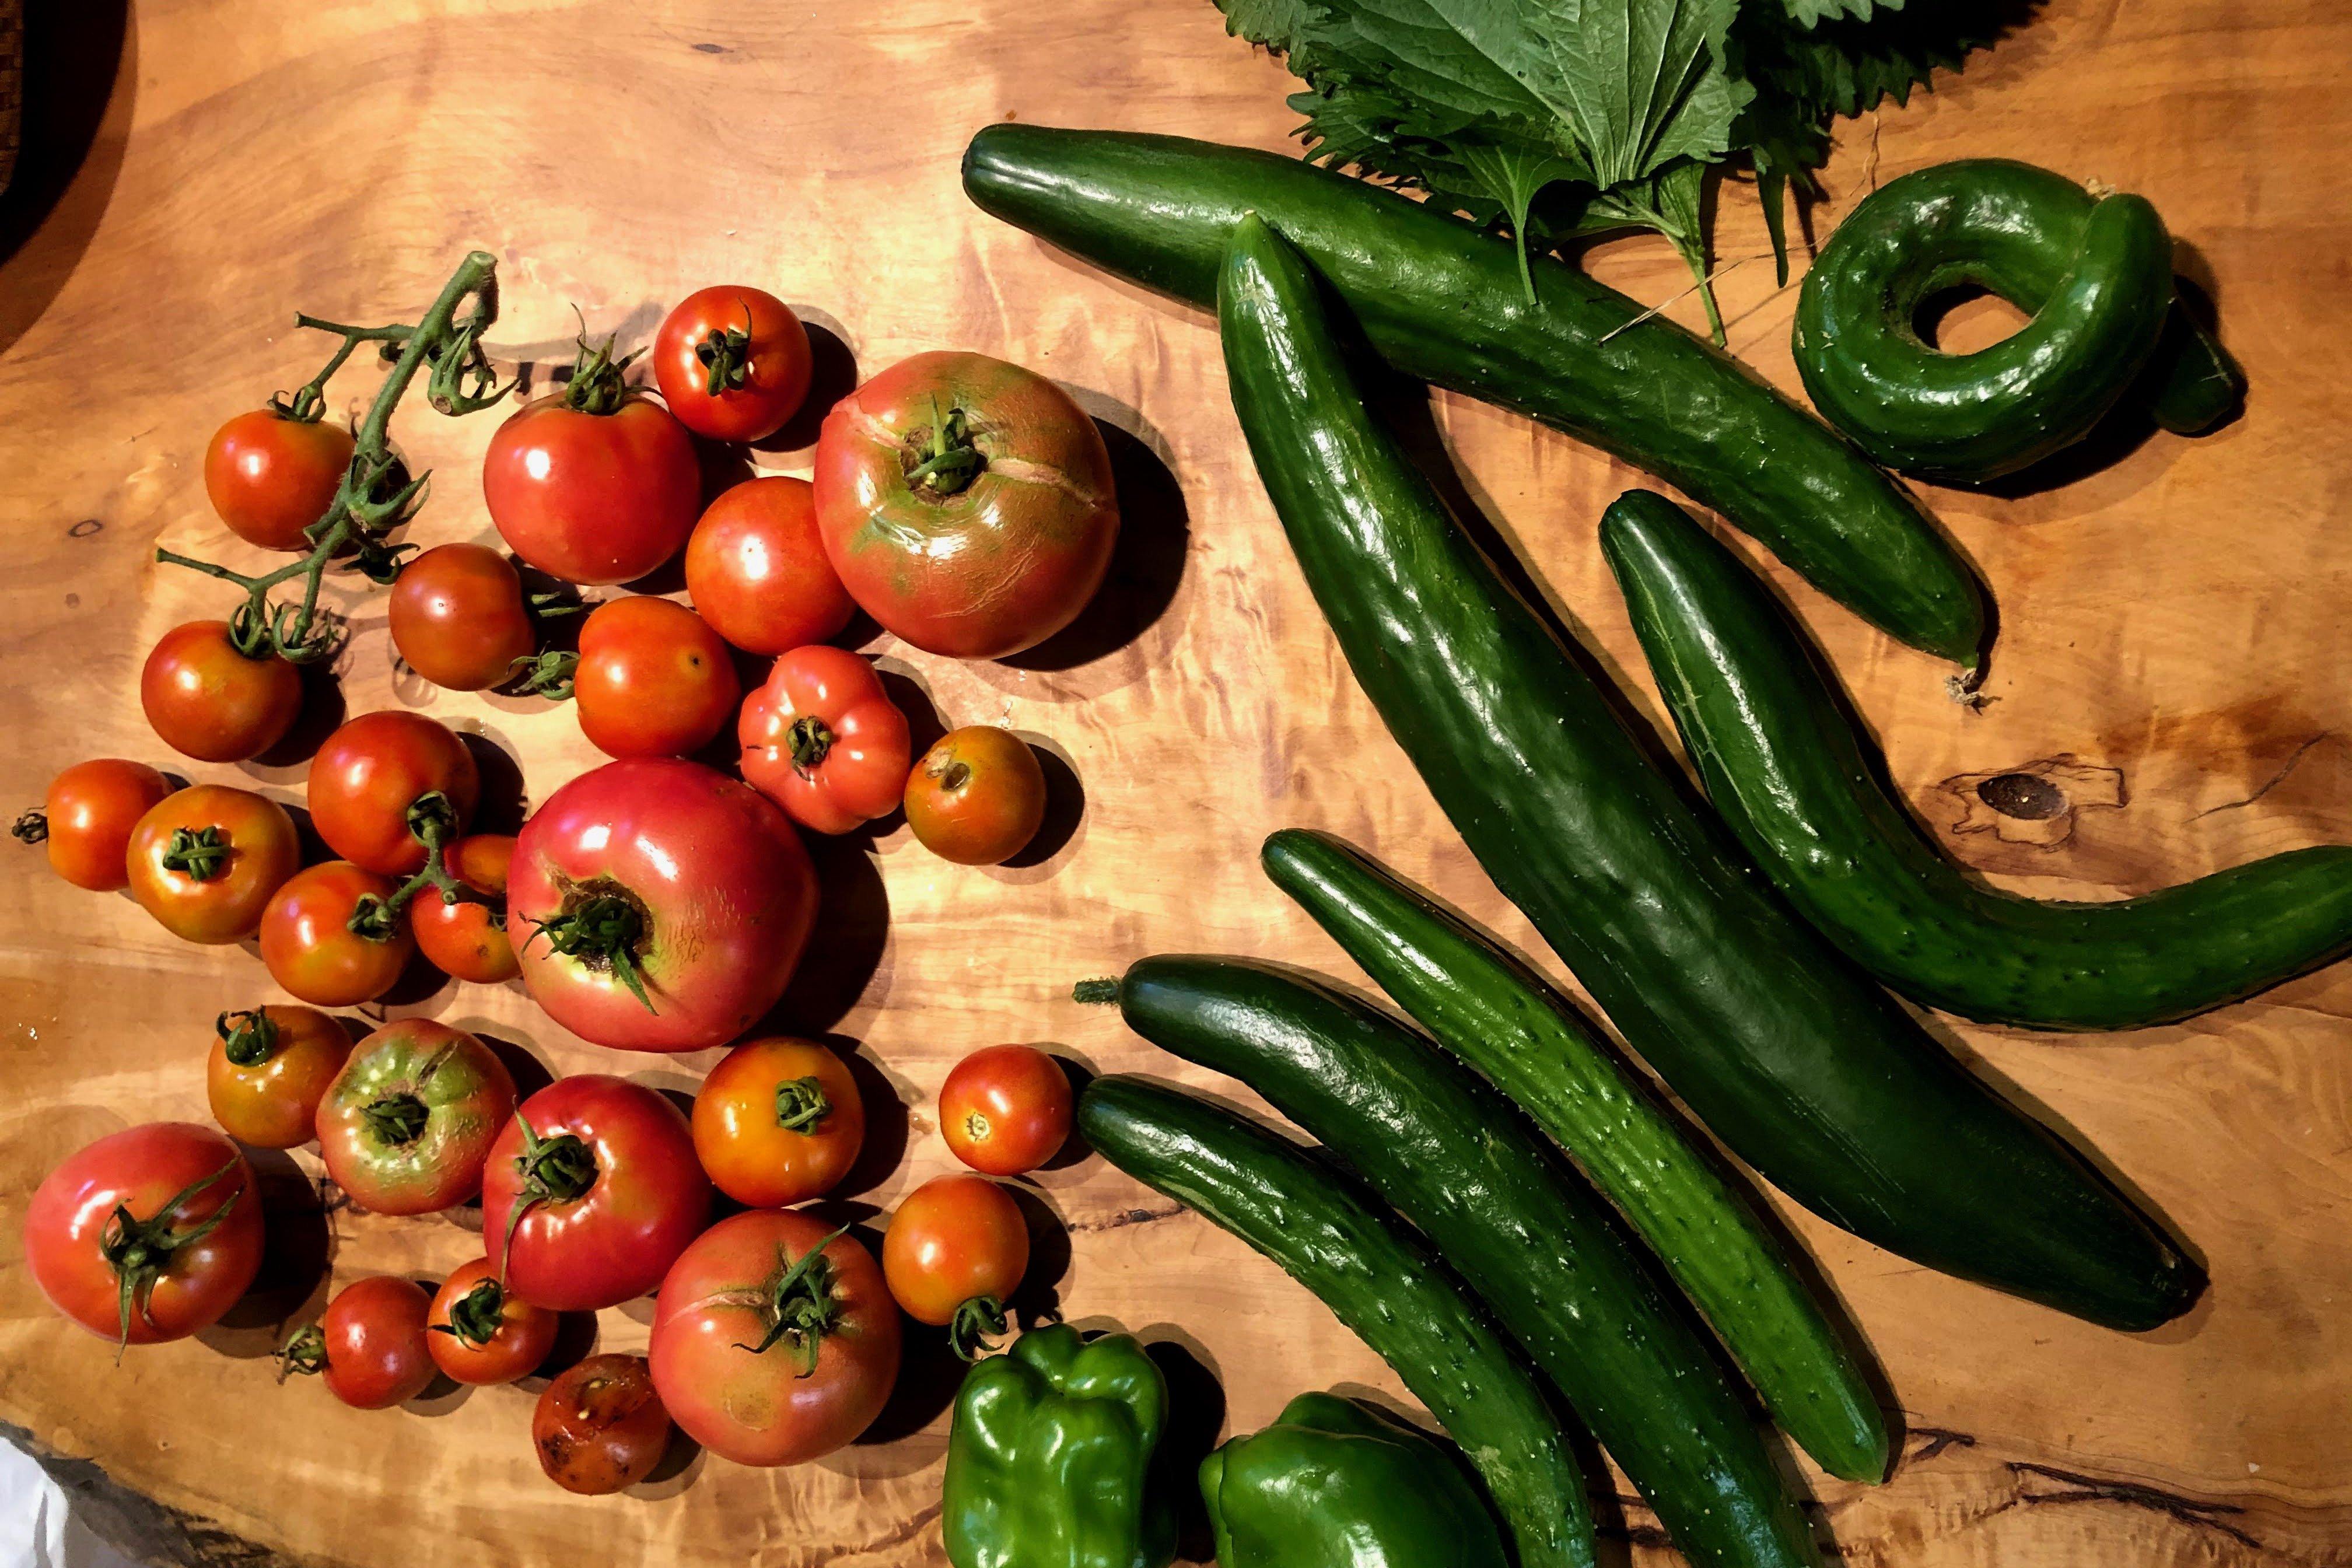 自分が食べる野菜は自分で作る。今、家庭菜園が流行るワケ